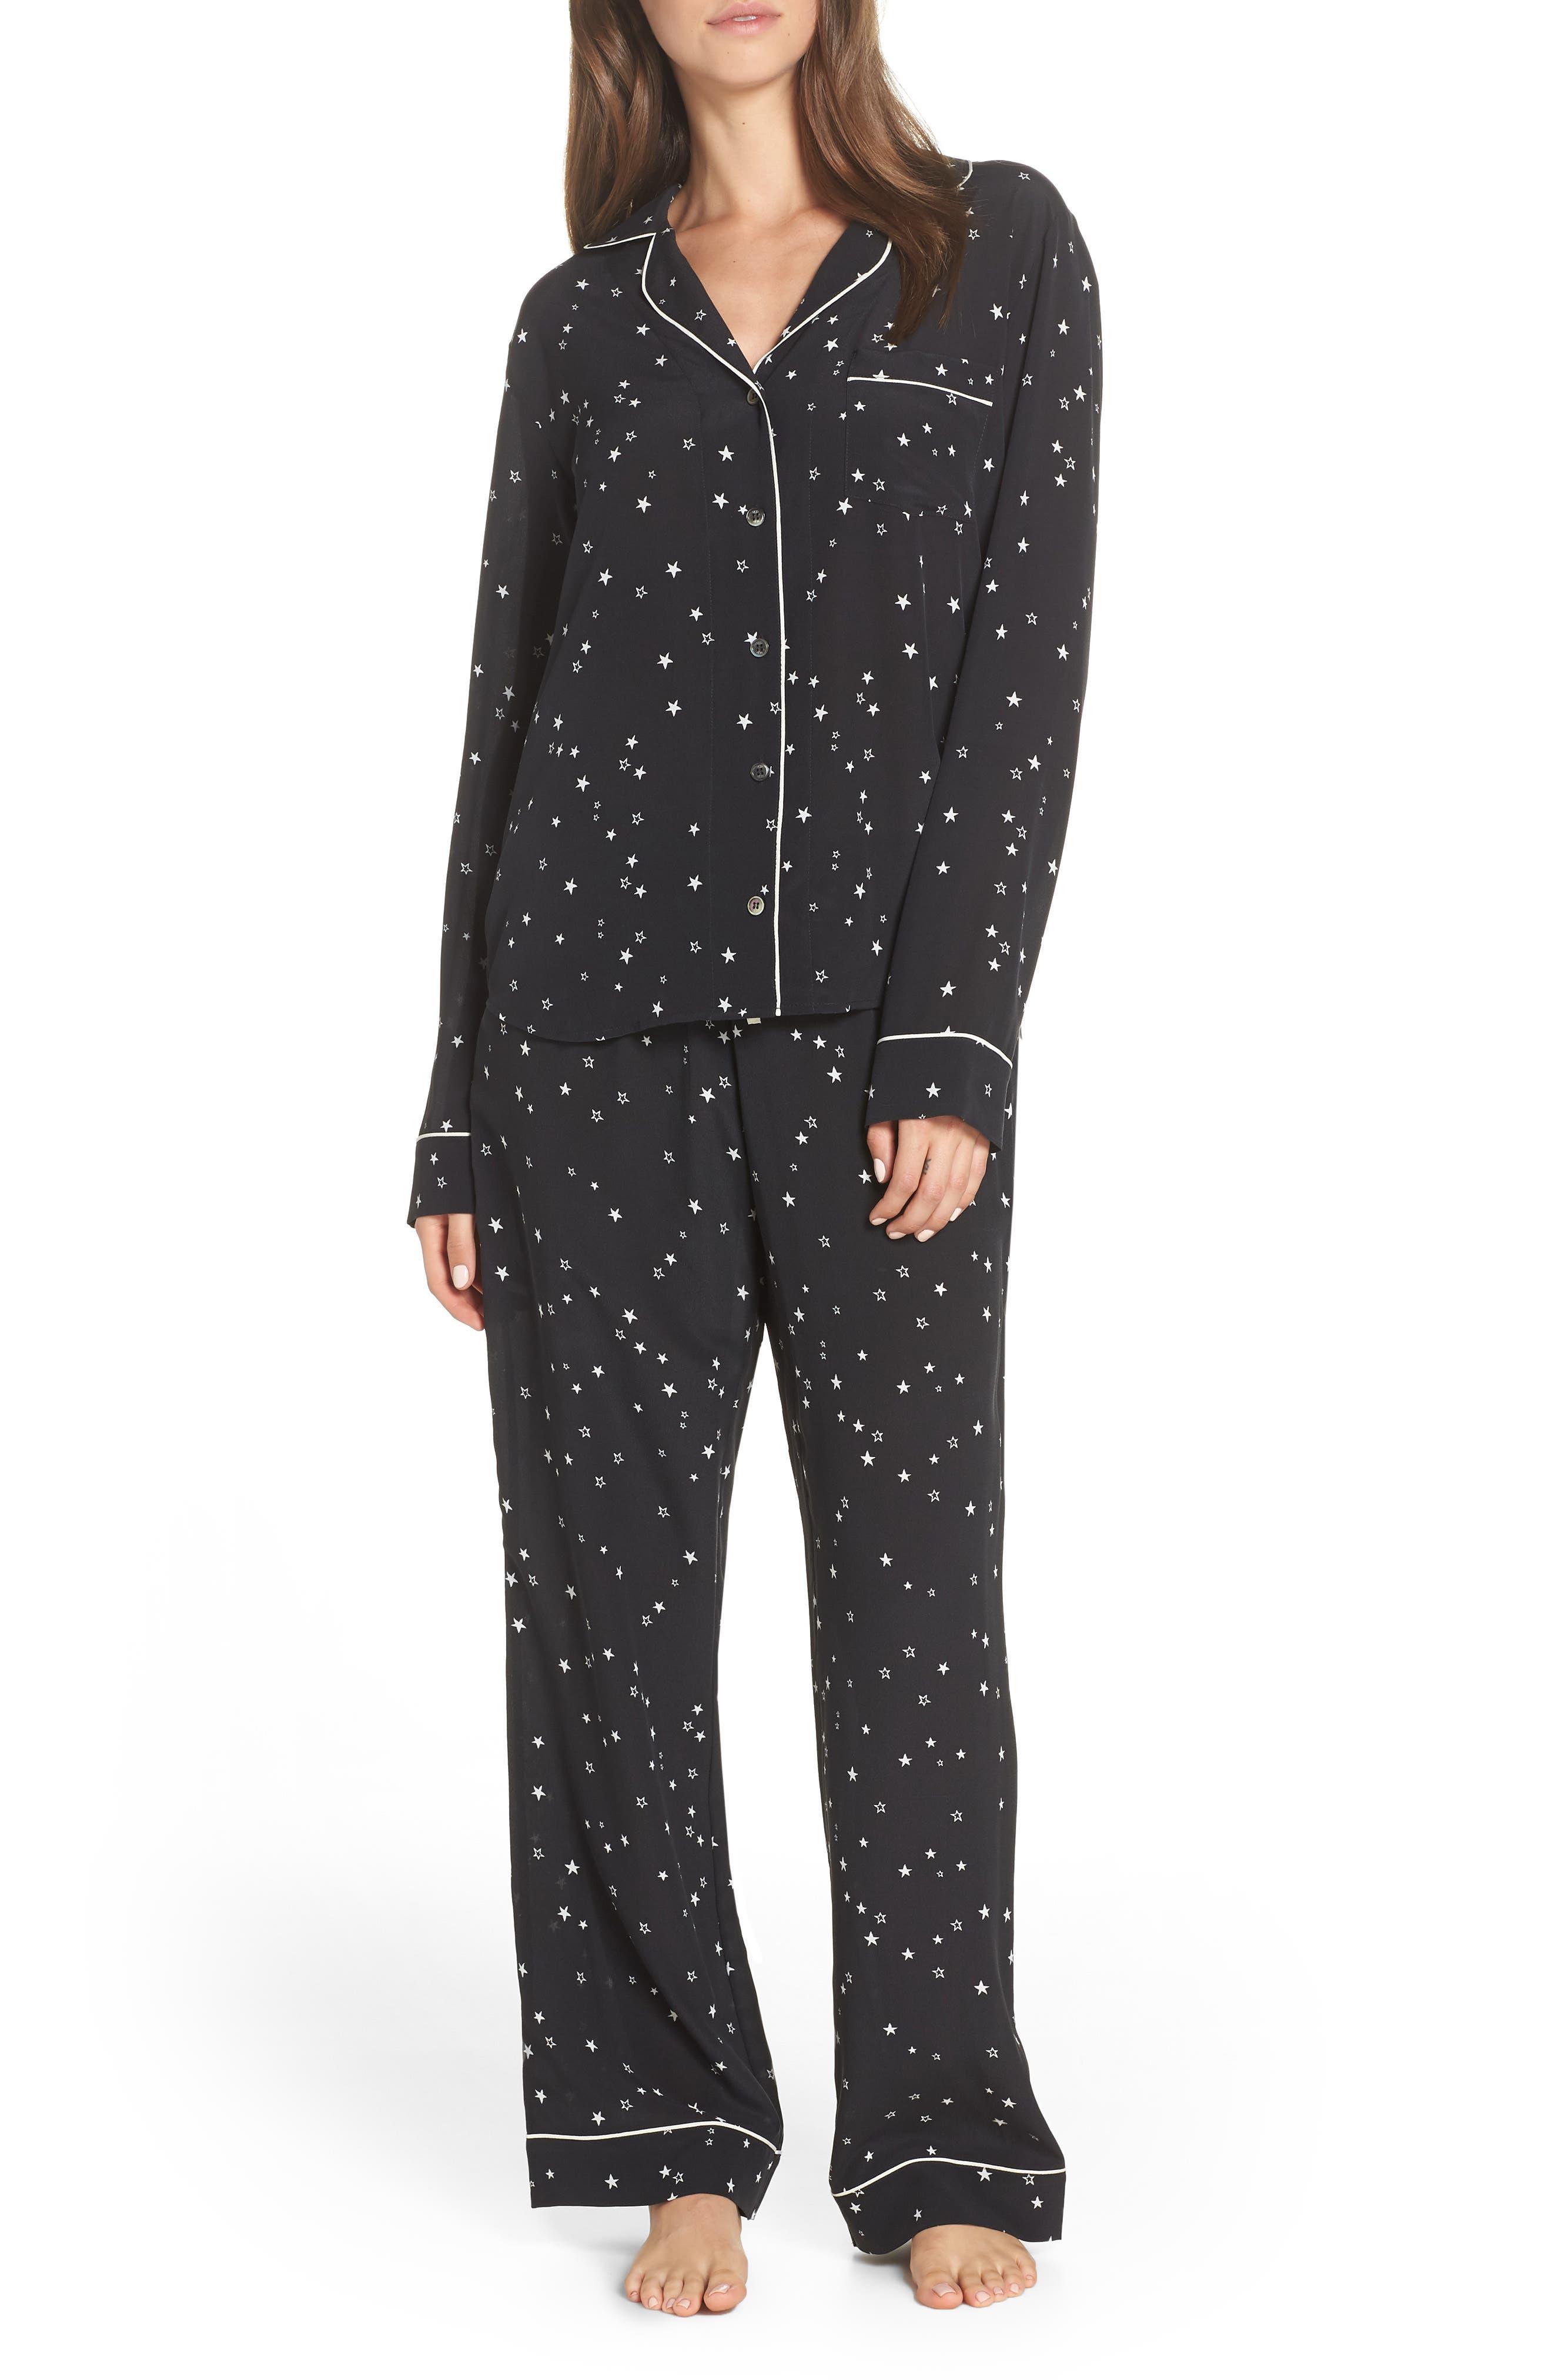 Raven Silk Pajamas,                         Main,                         color, BLACK STARS